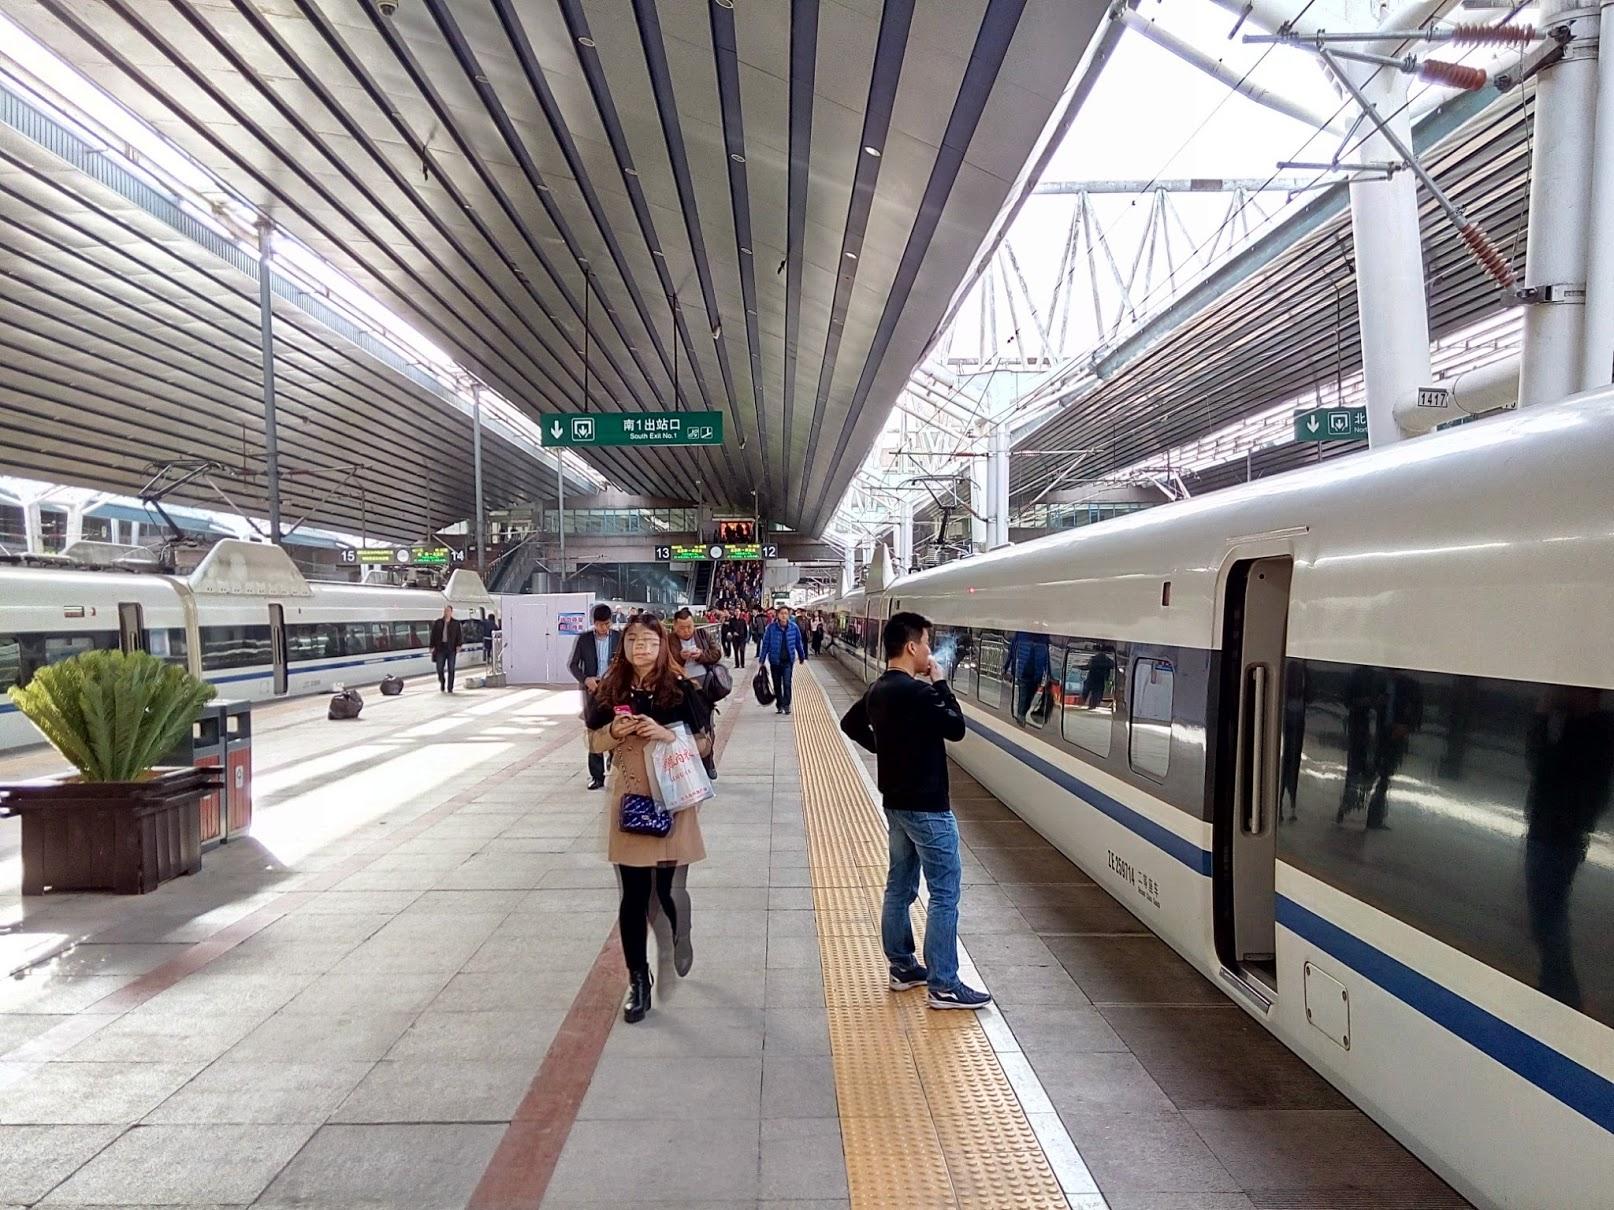 Kojom brzinom voze kineski vlakovi?